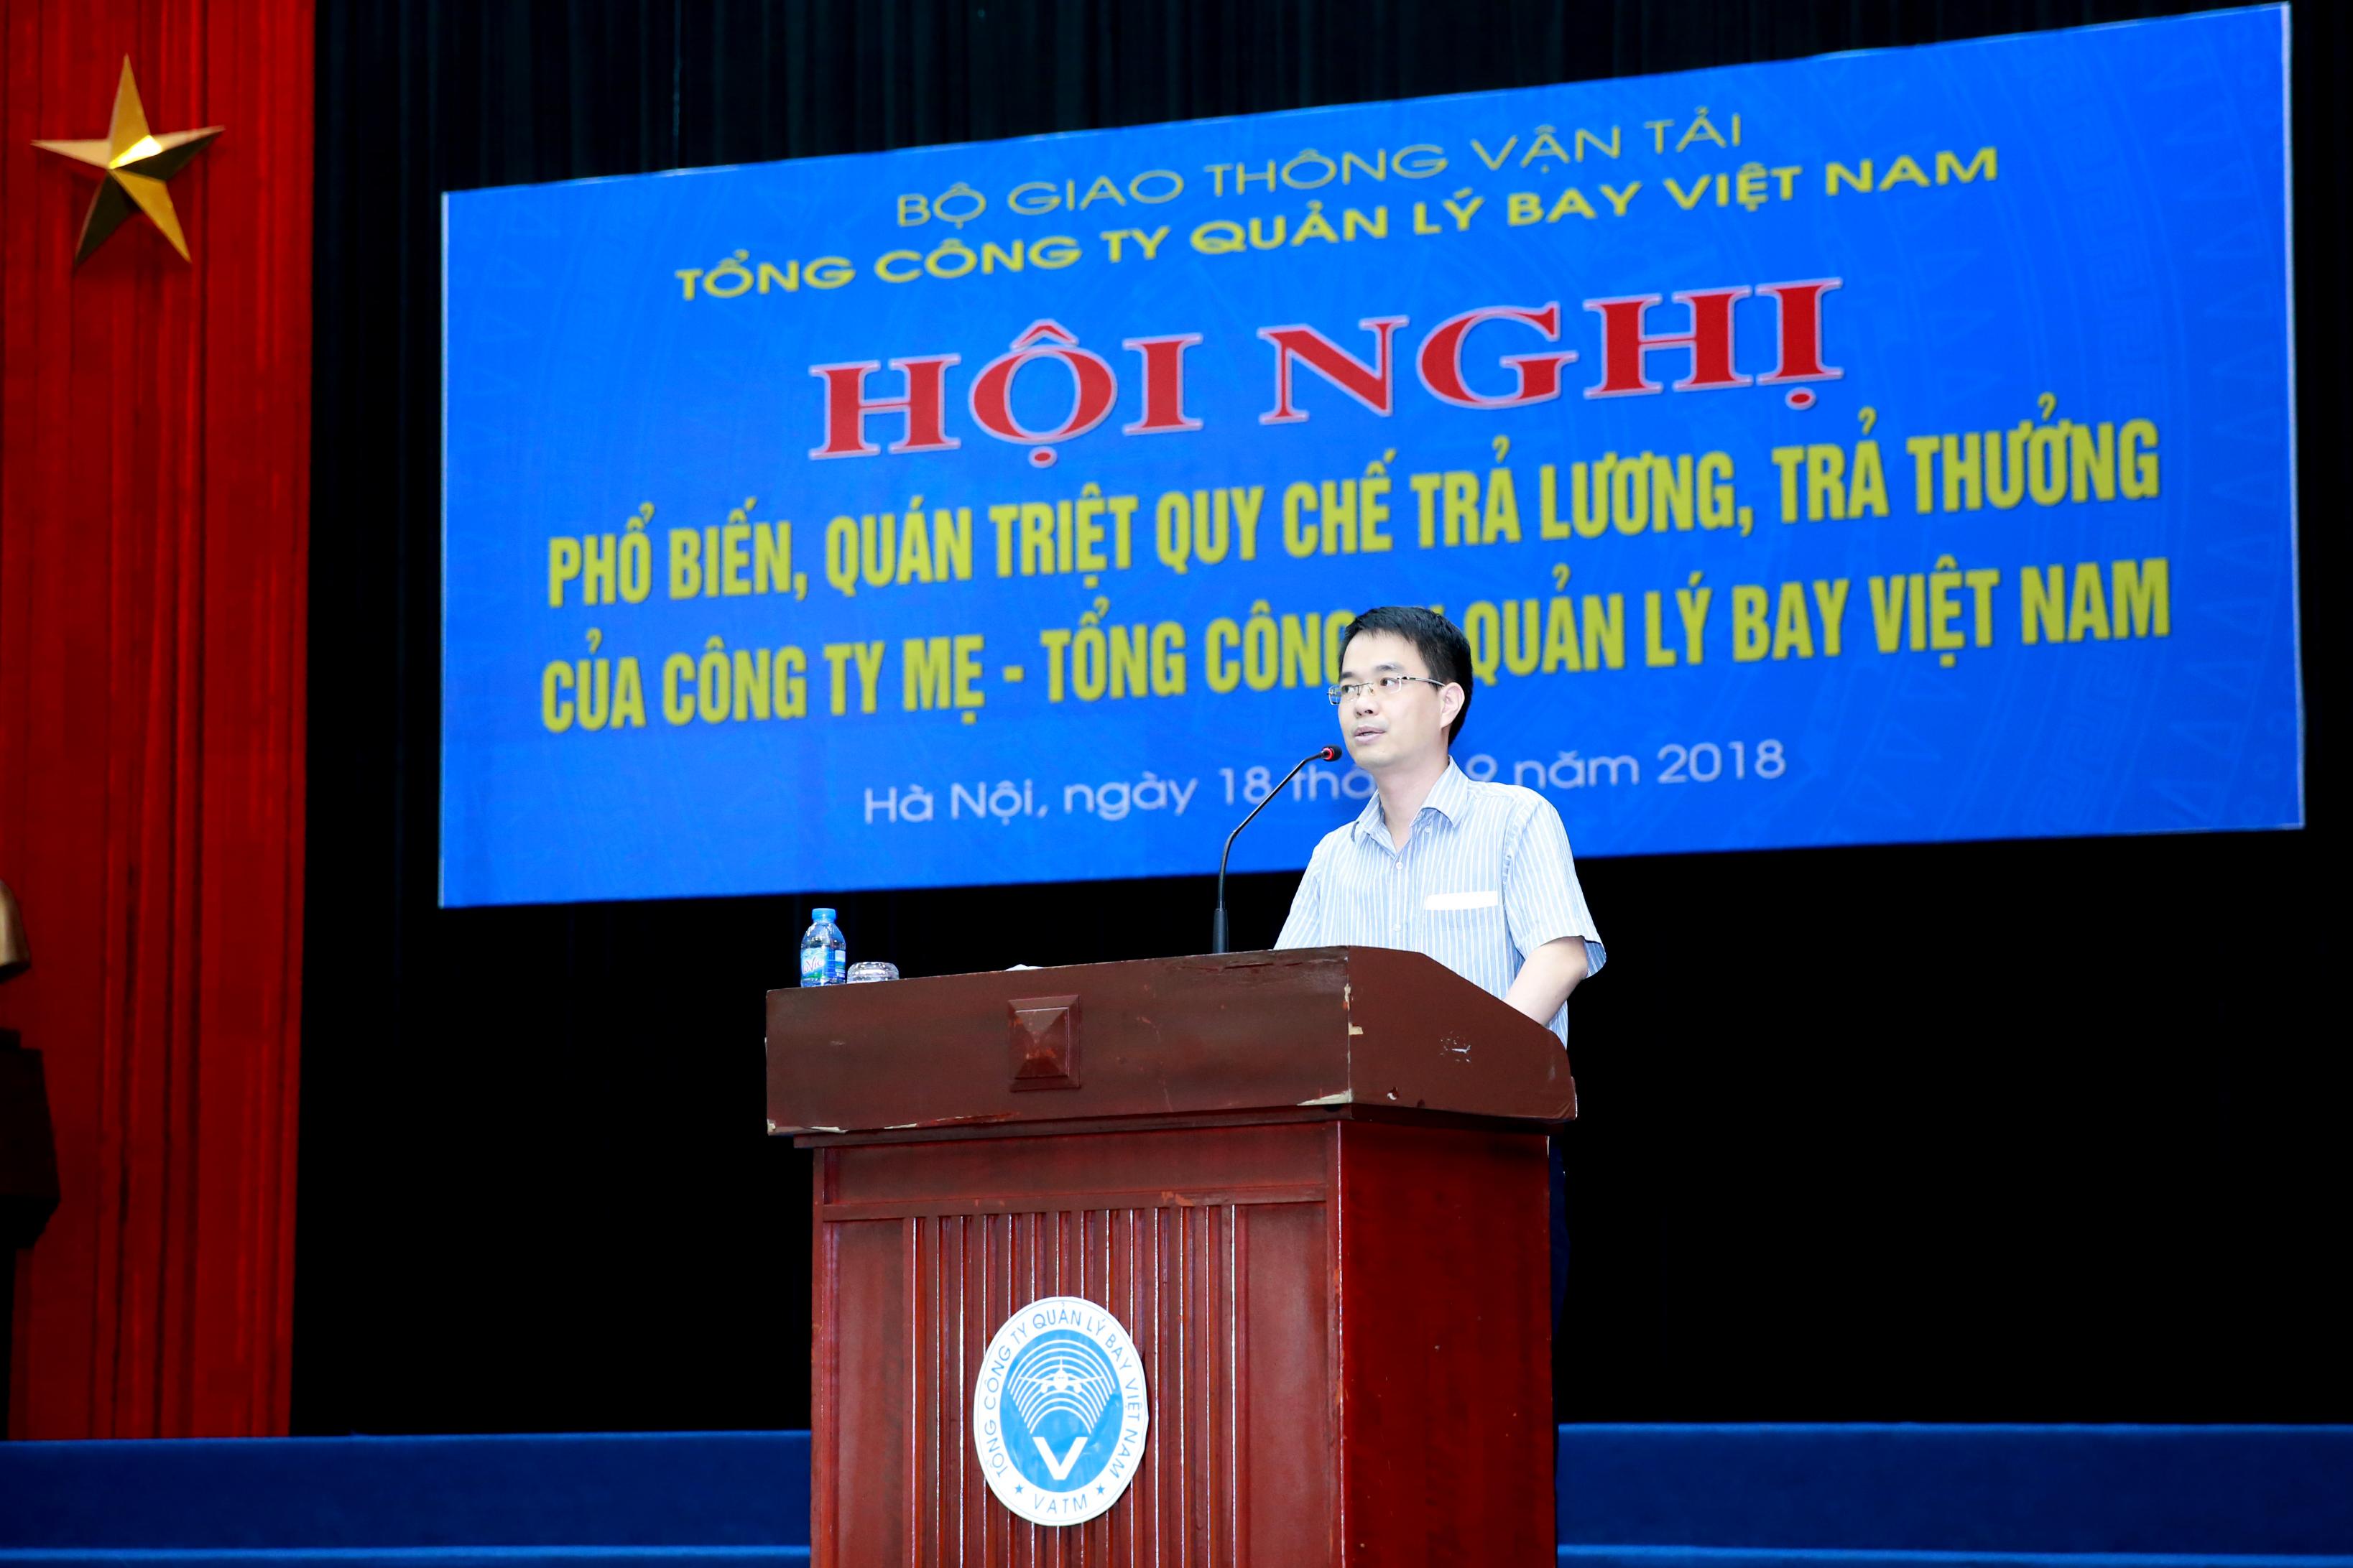 Phổ biến, quán triệt Quy chế Trả lương, trả thưởng mới của Công ty mẹ - Tổng công ty Quản lý bay Việt Nam